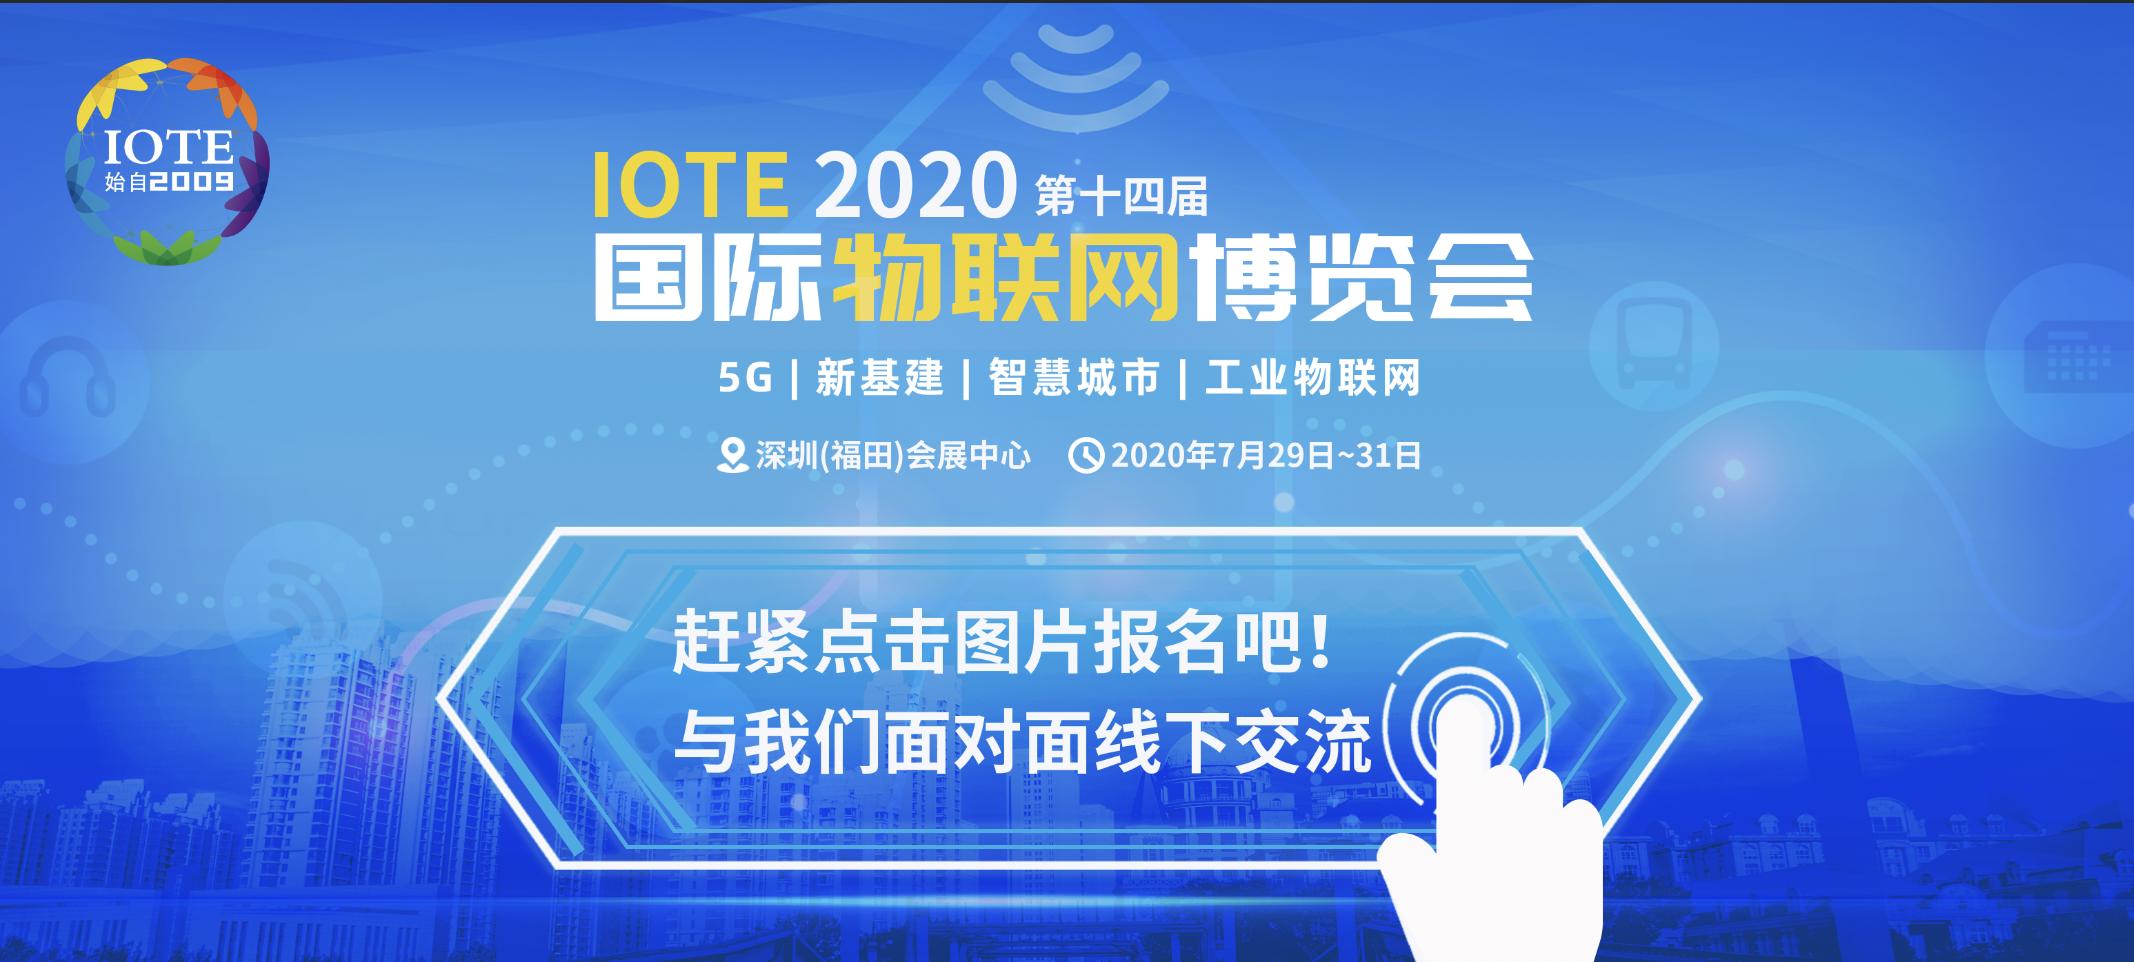 德传技术将携多款吸睛产品精彩亮相IOTE2020 深圳国际物联网展